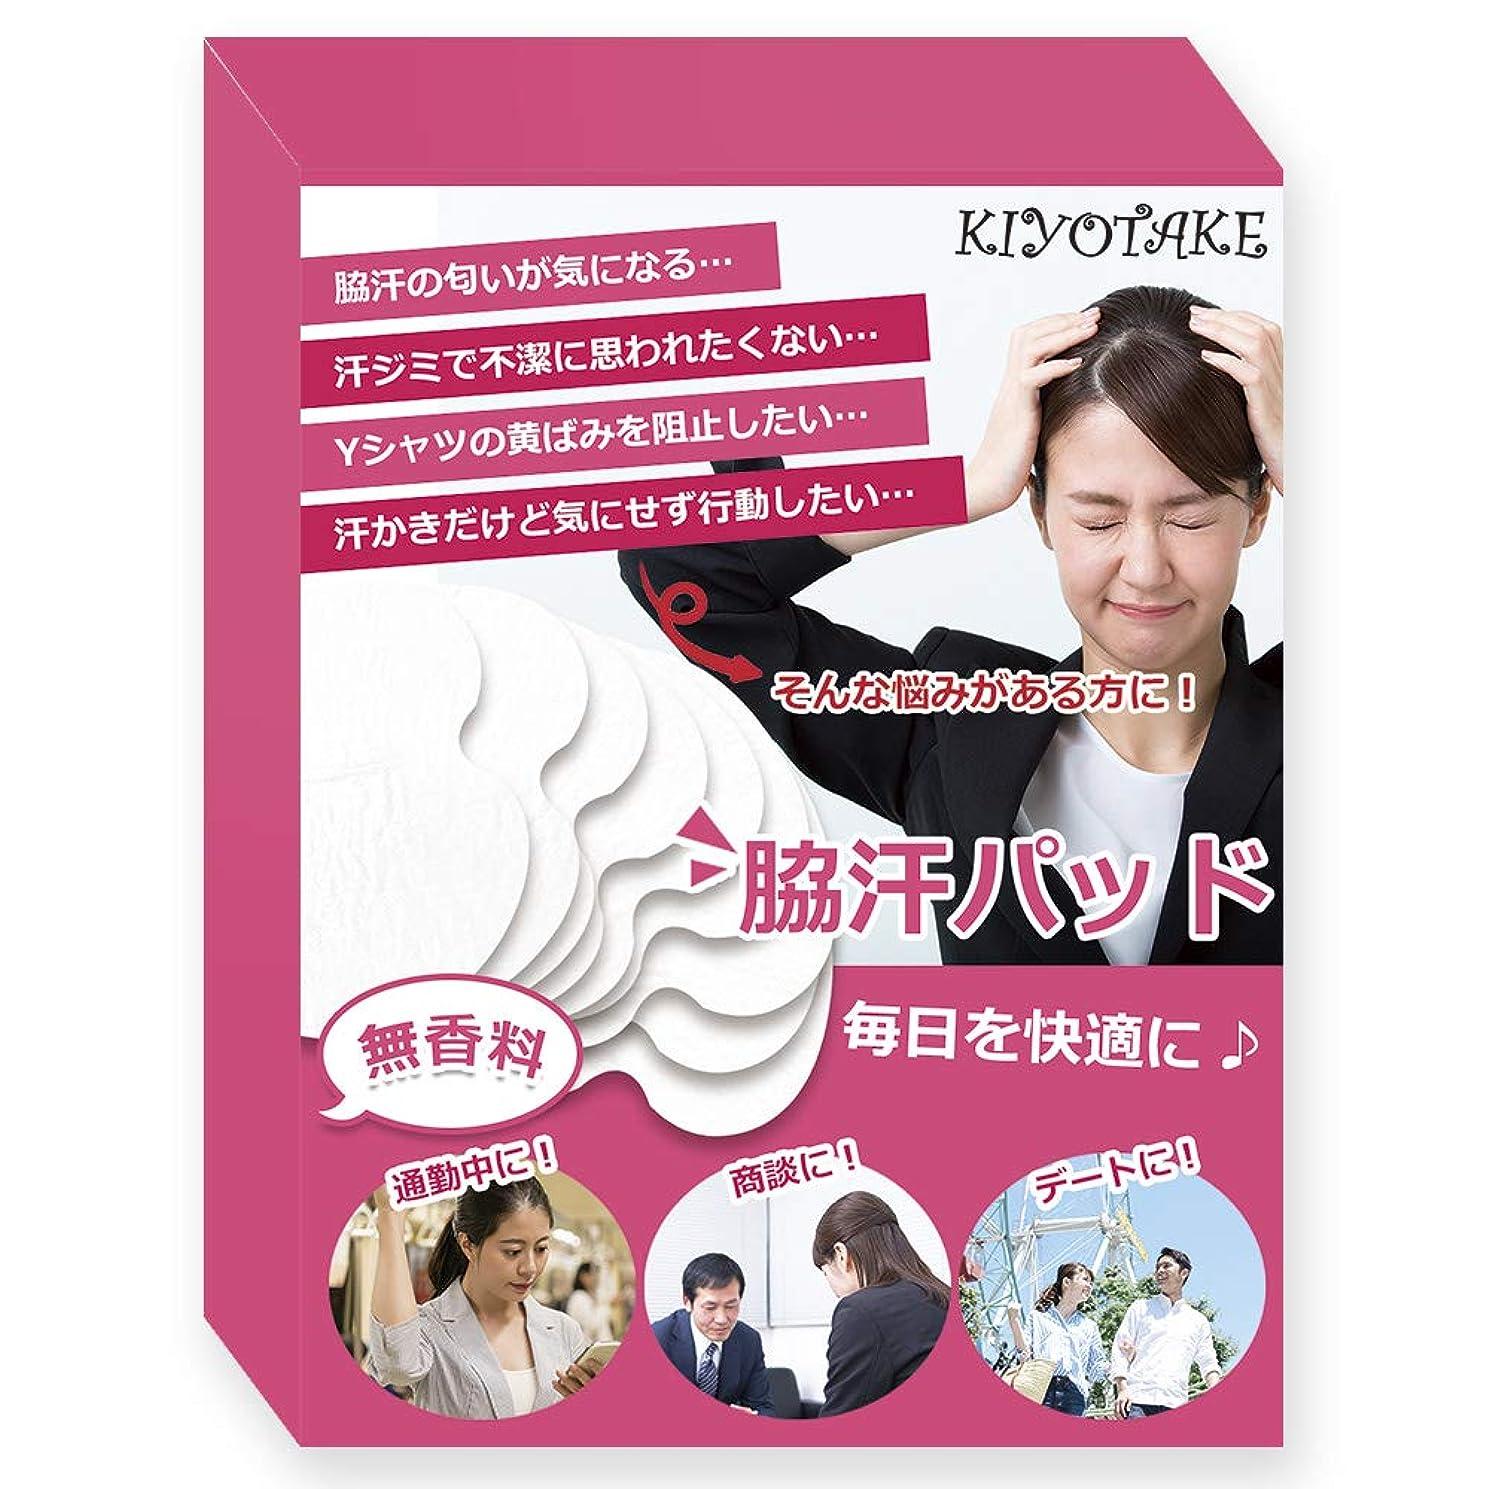 未使用創始者なしで【kiyotake】 レディース 脇汗パッド 汗取り 汗じみ 防臭 防止 対策 女性用 40枚入り